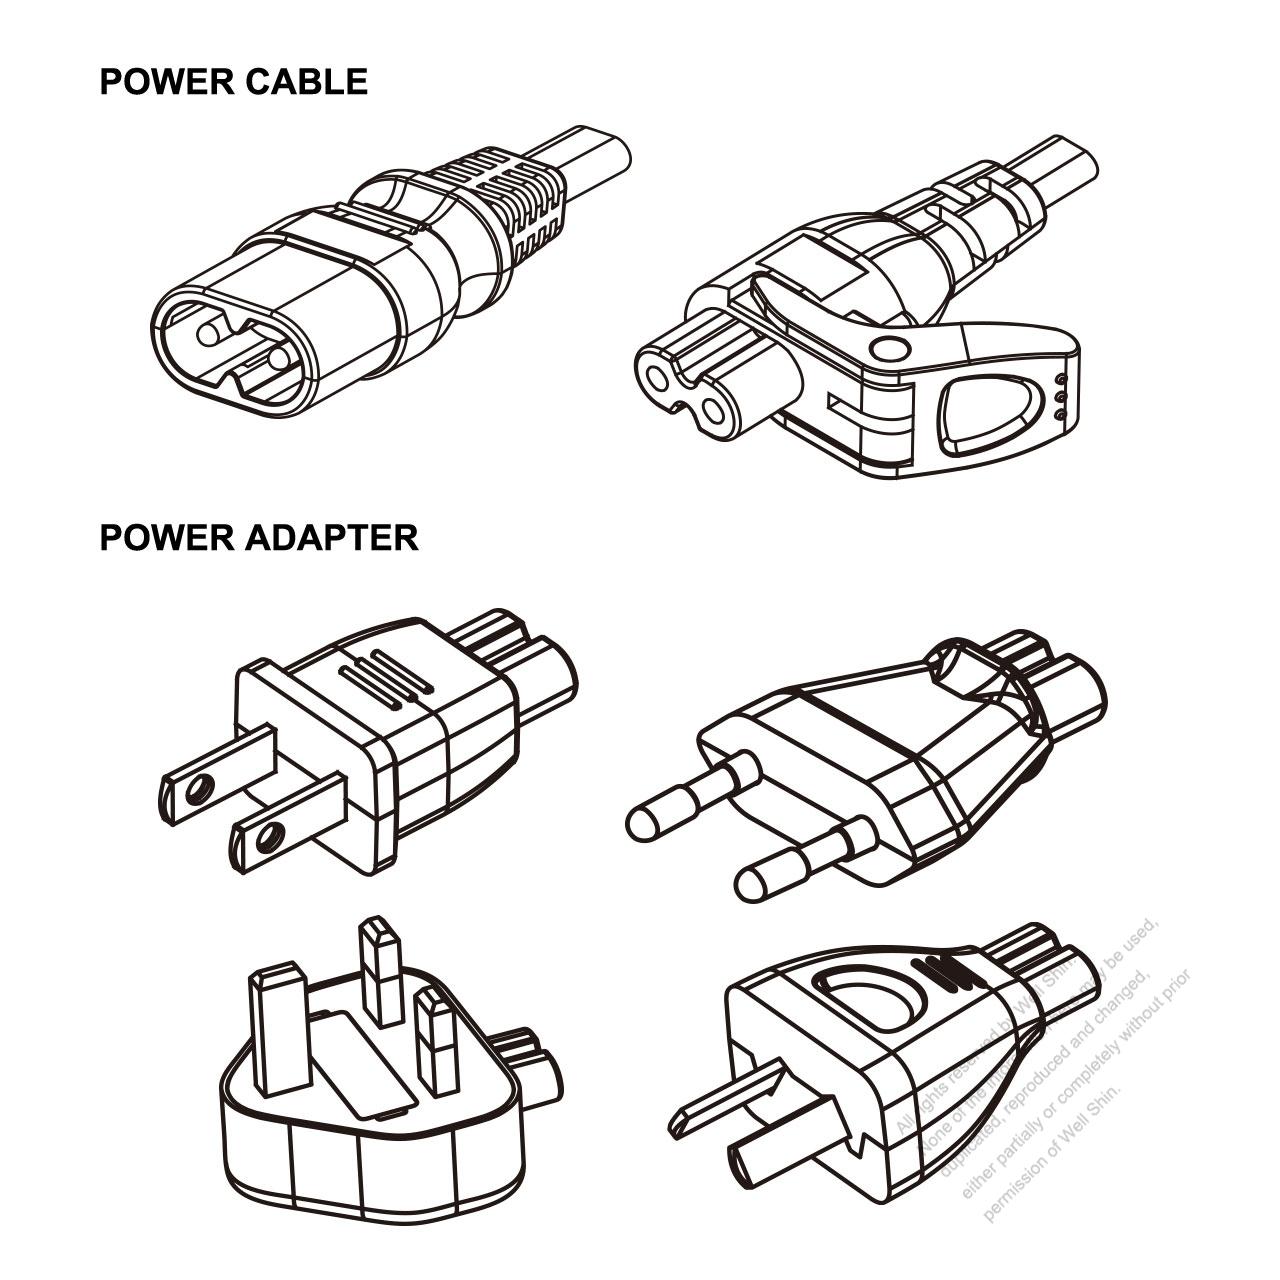 3a 250v Plug